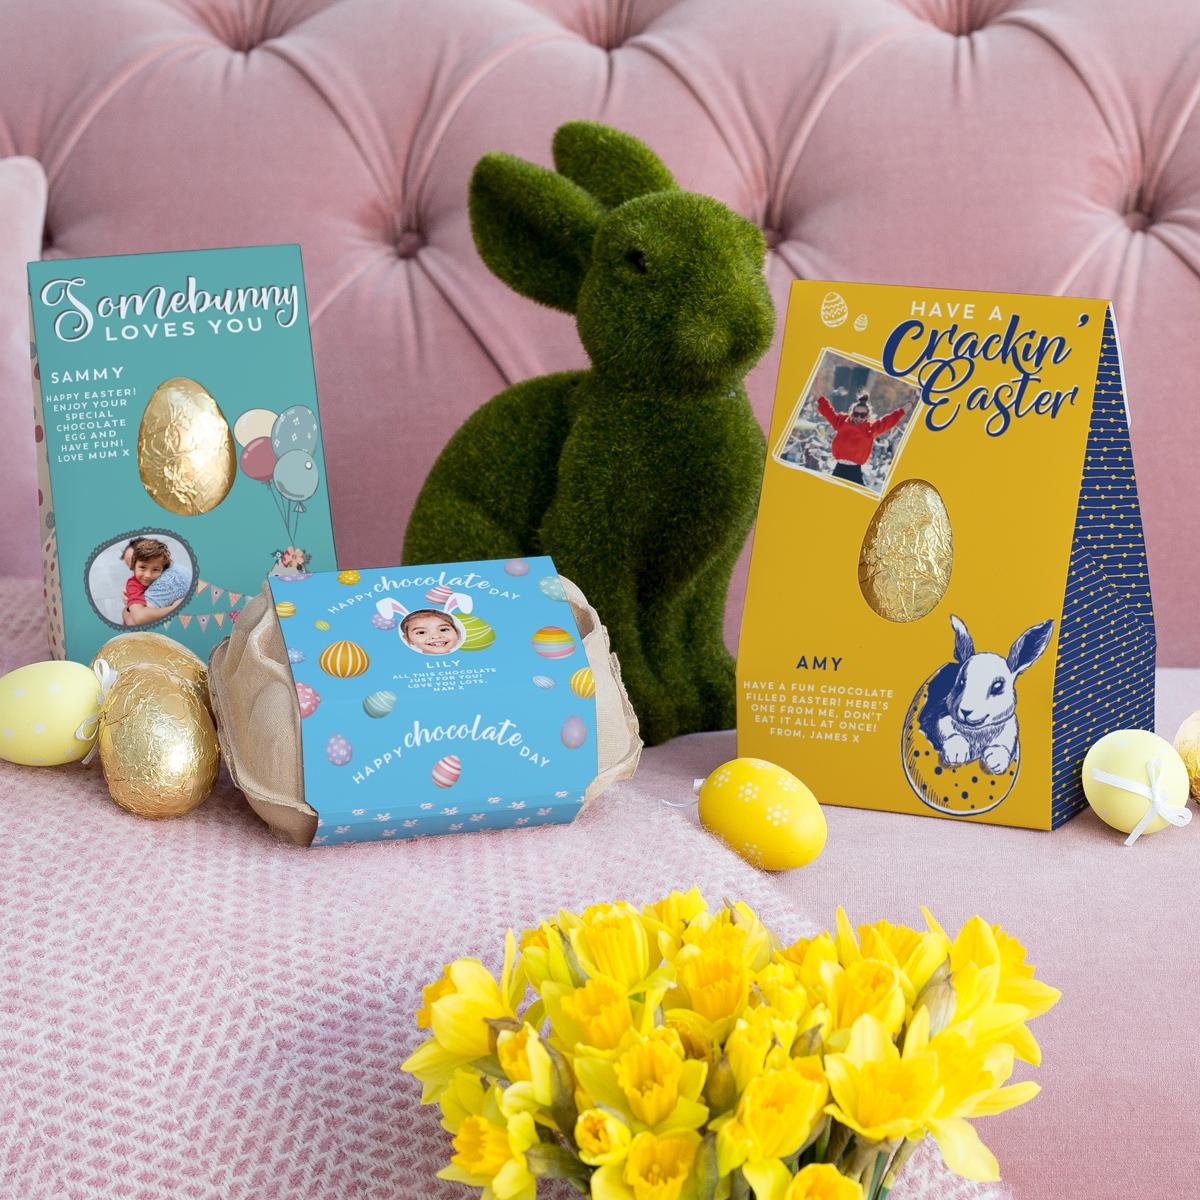 Vanilla Reindeer Easter Eggs and Six-Egg Box at https://lukeosaurusandme.co.uk